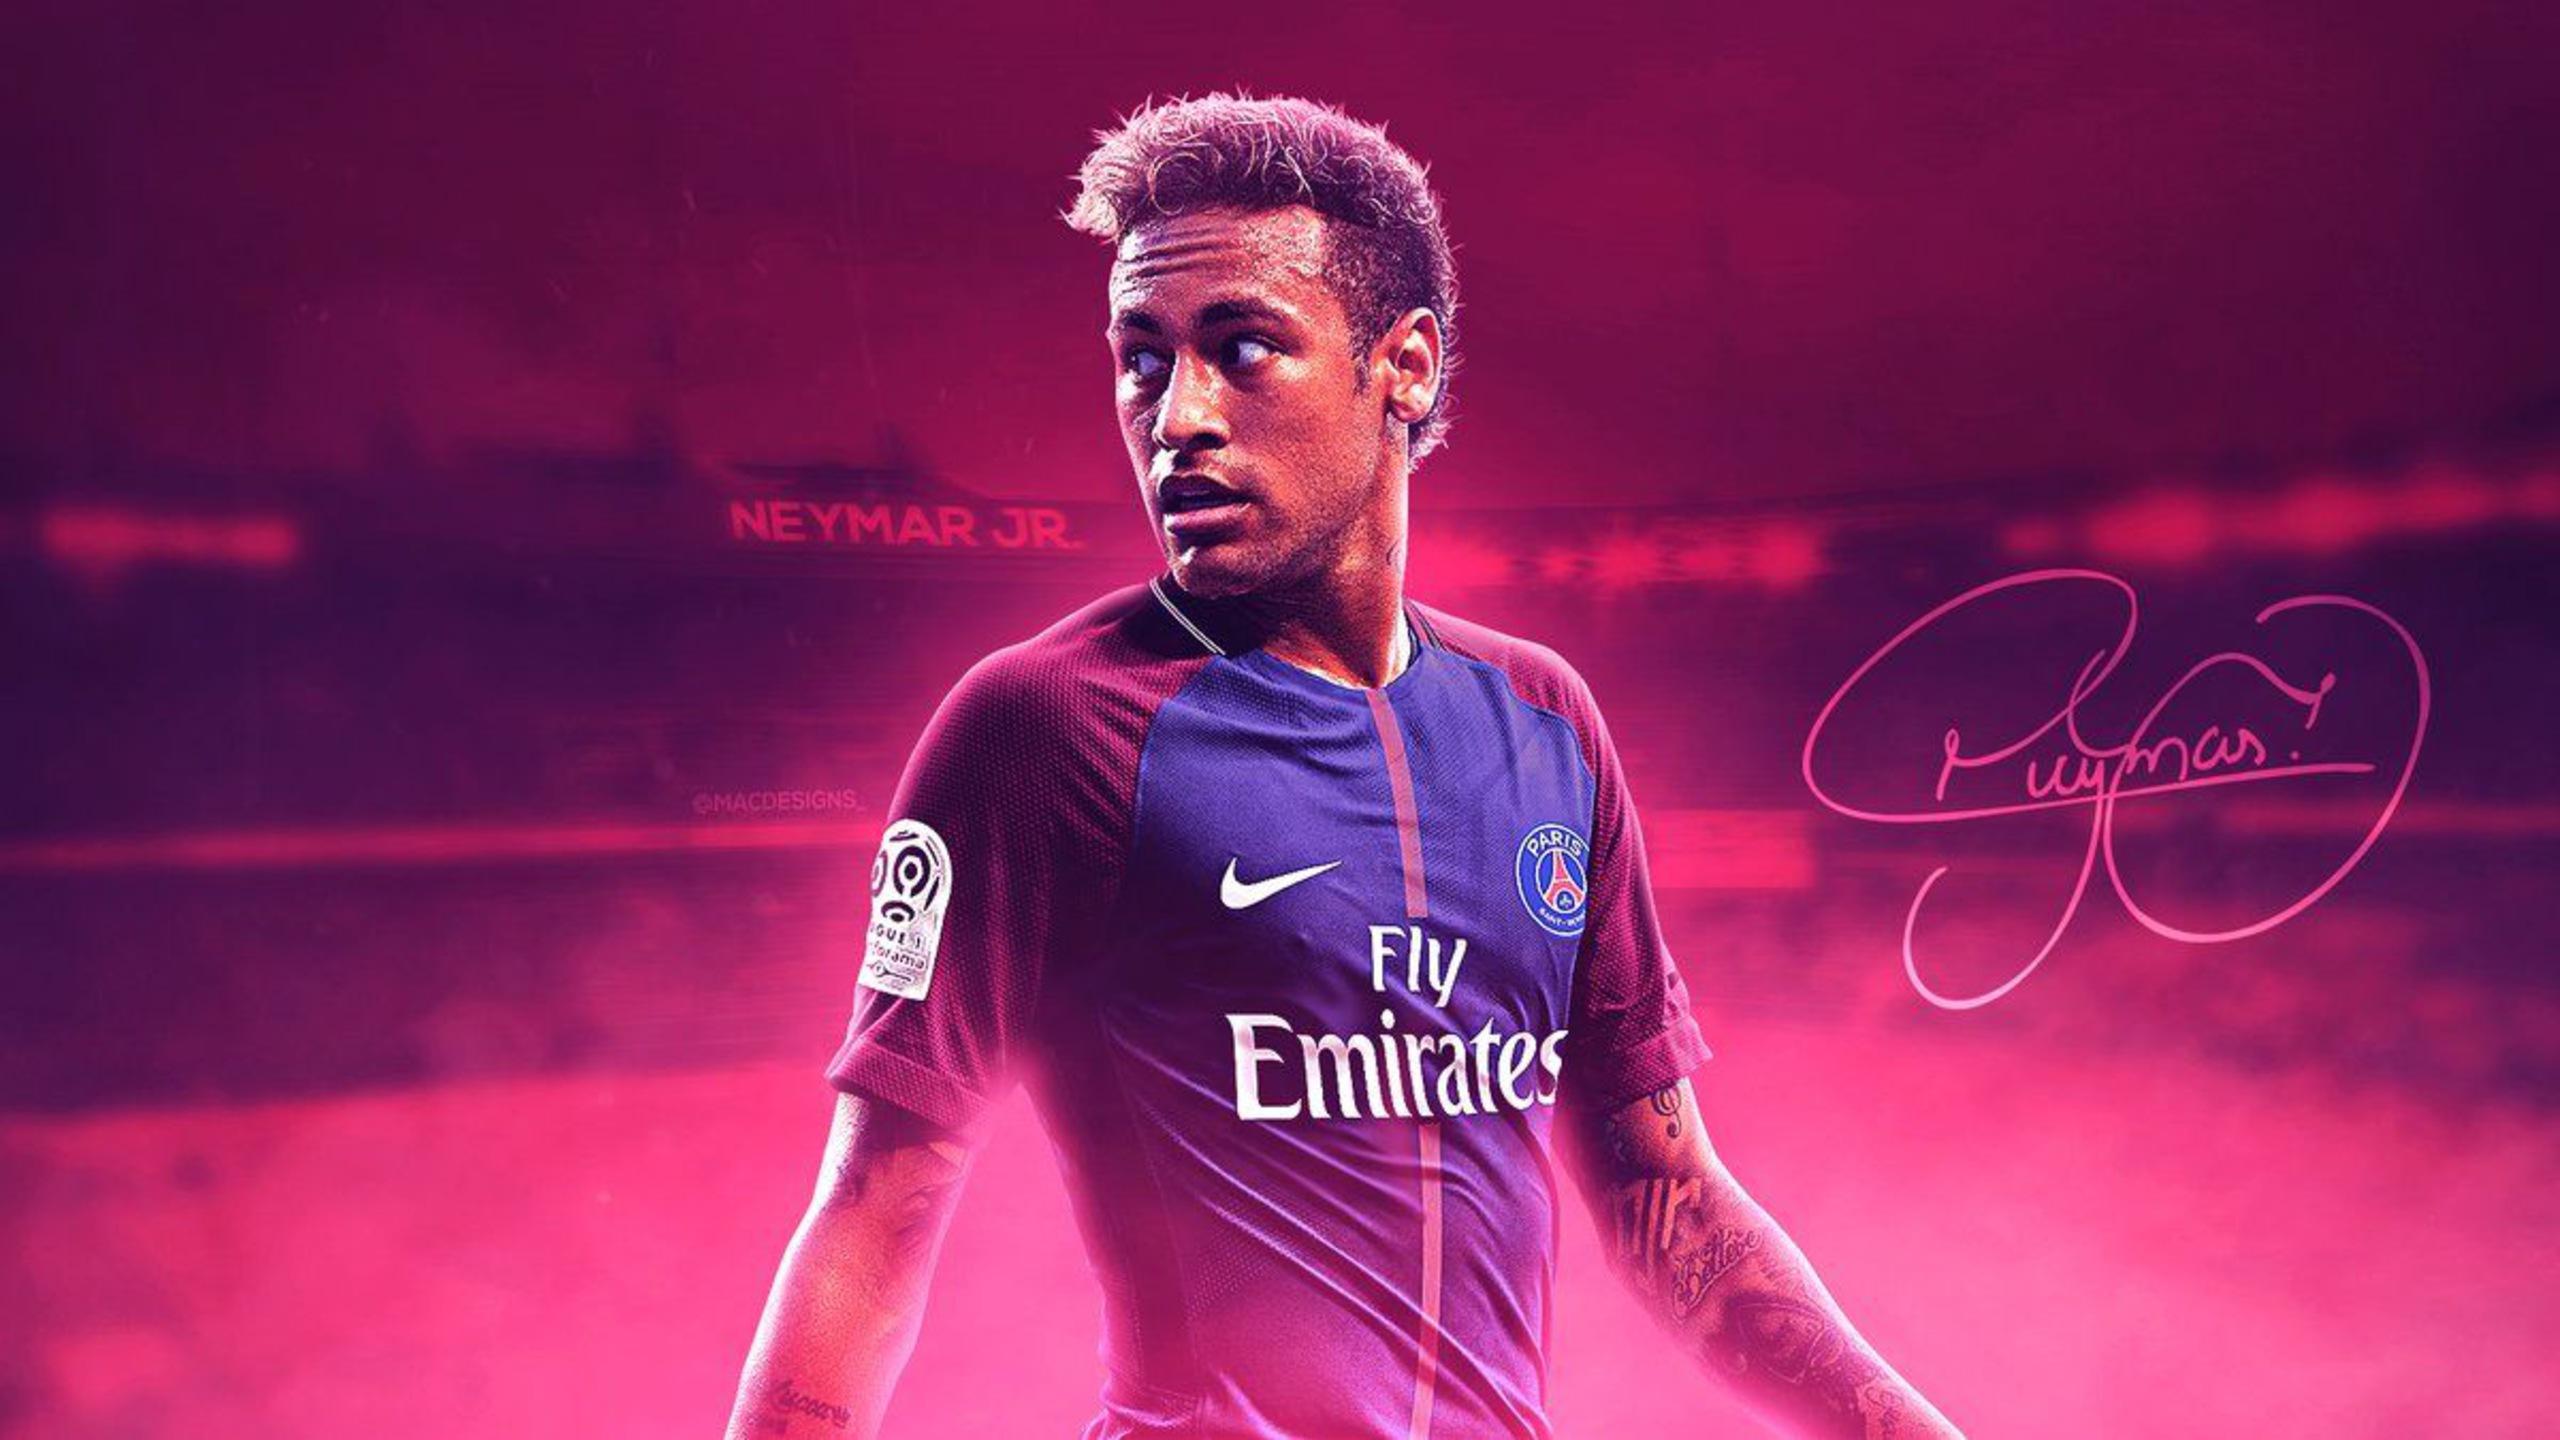 neymar hd wallpaper theme - sports fan tab